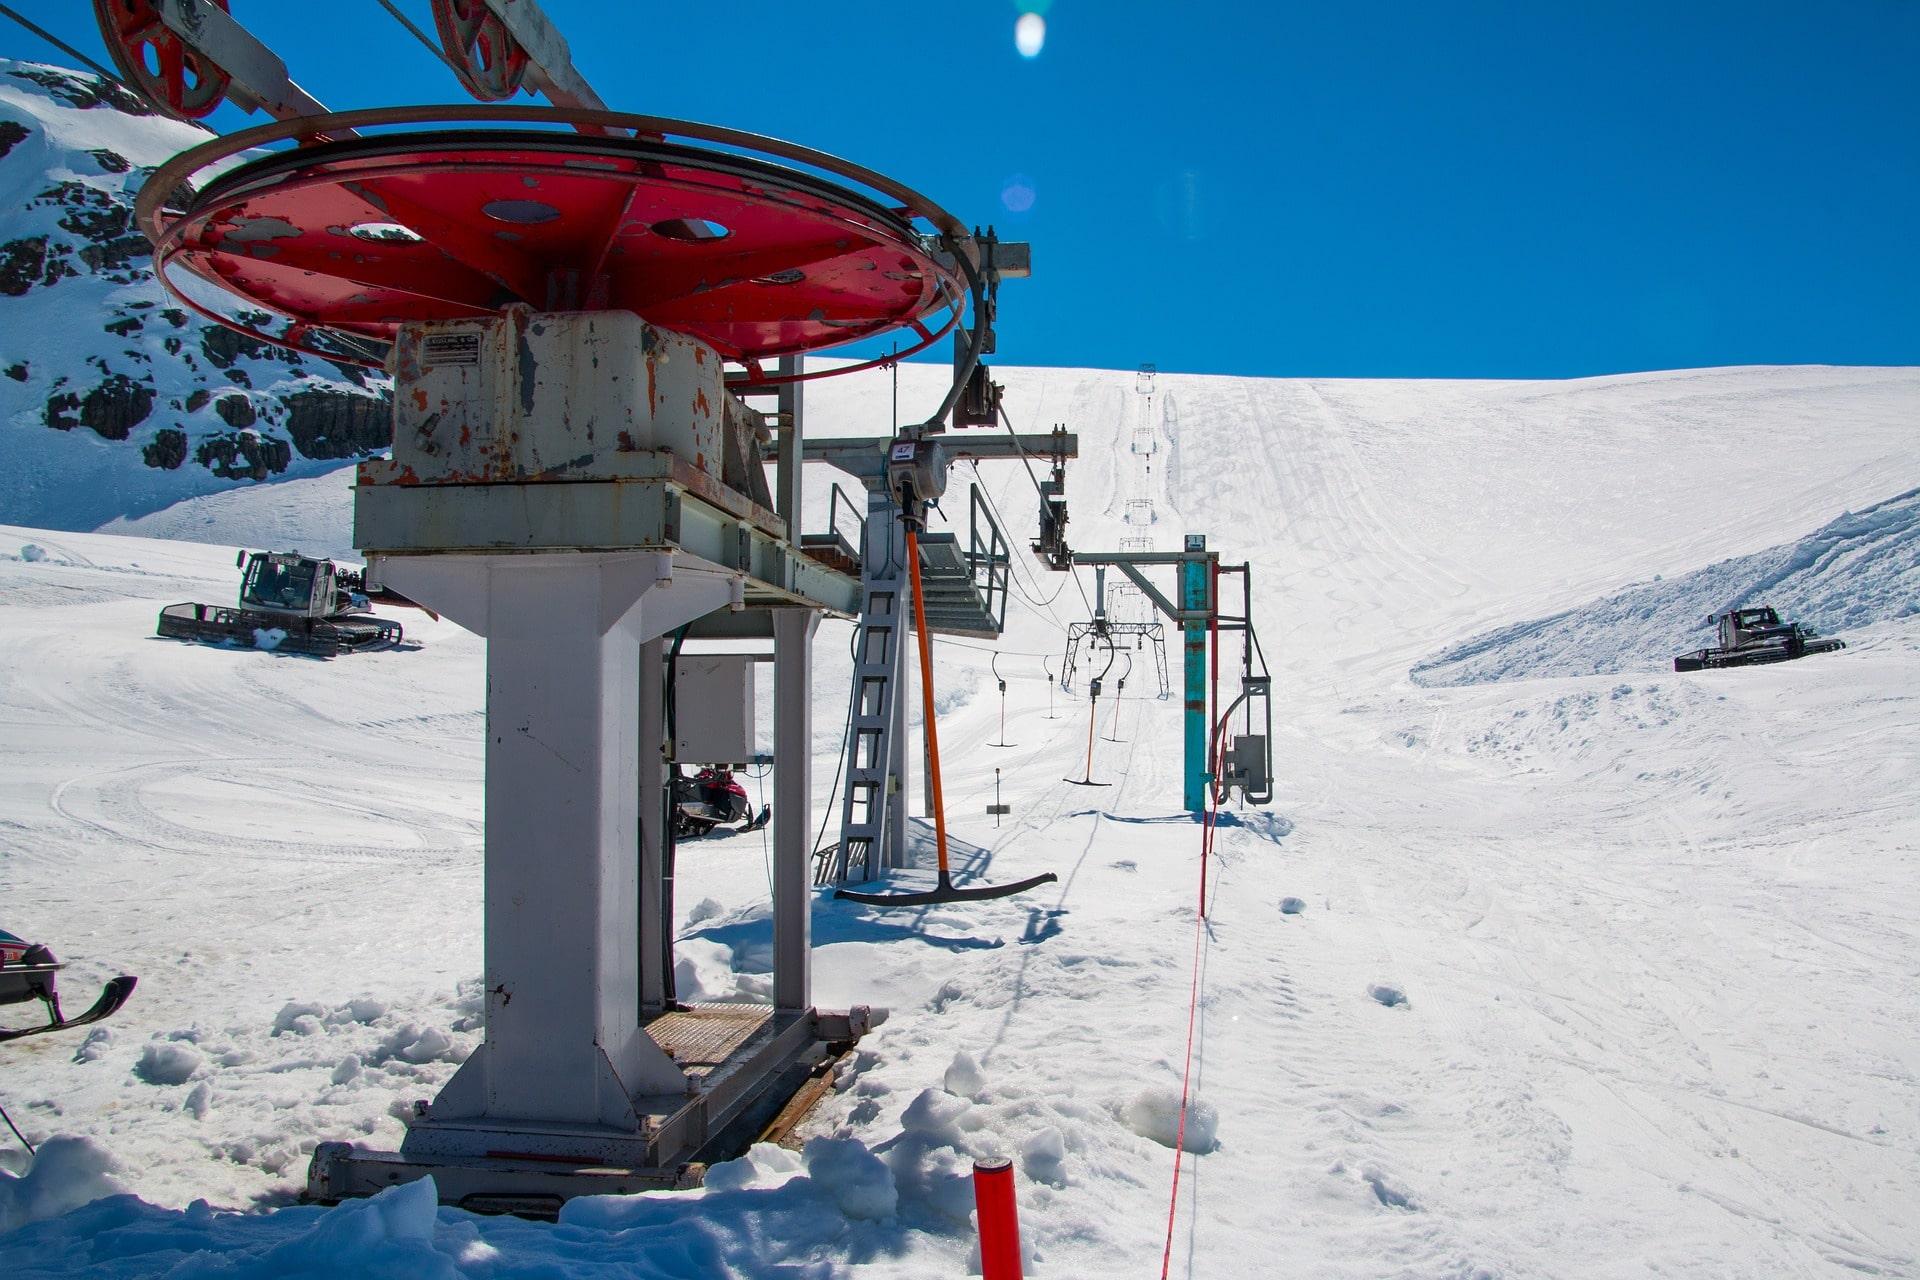 t bar lift ski snowboard pixabay